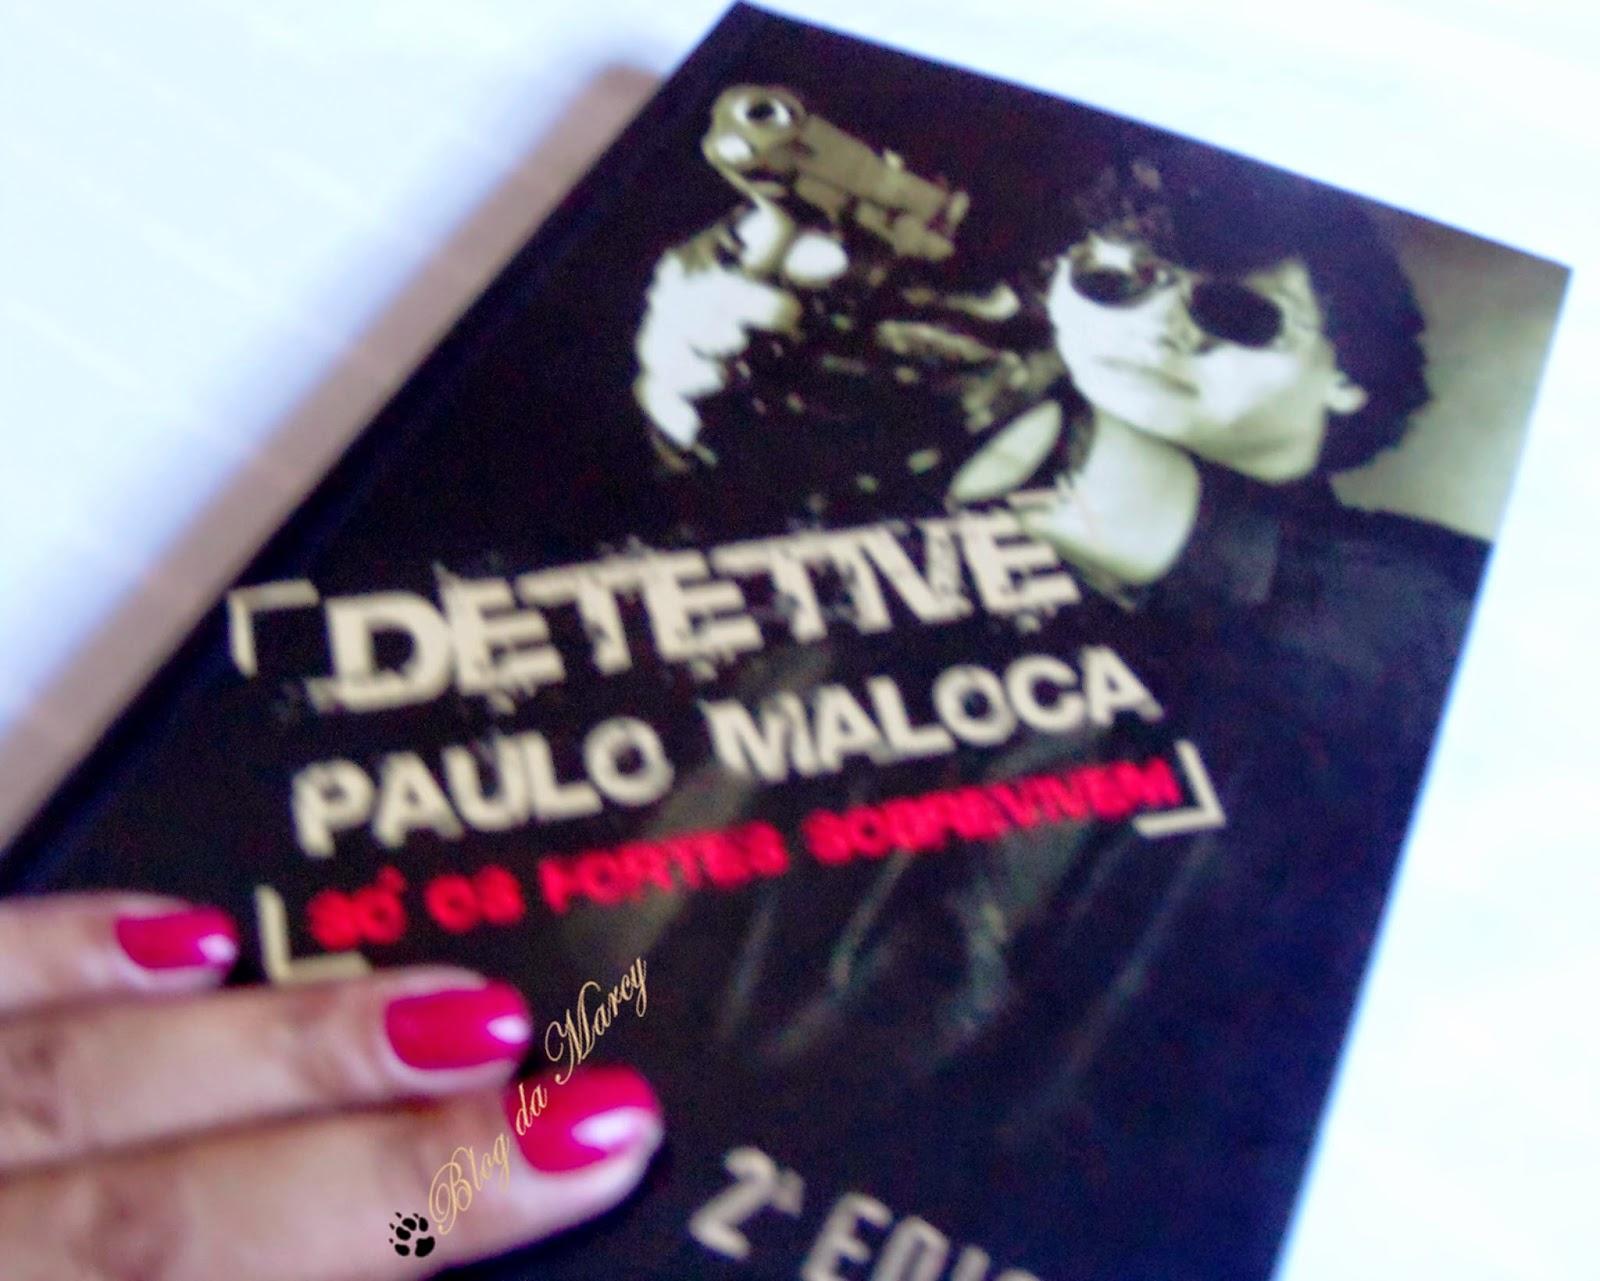 Detetive Paulo Maloca